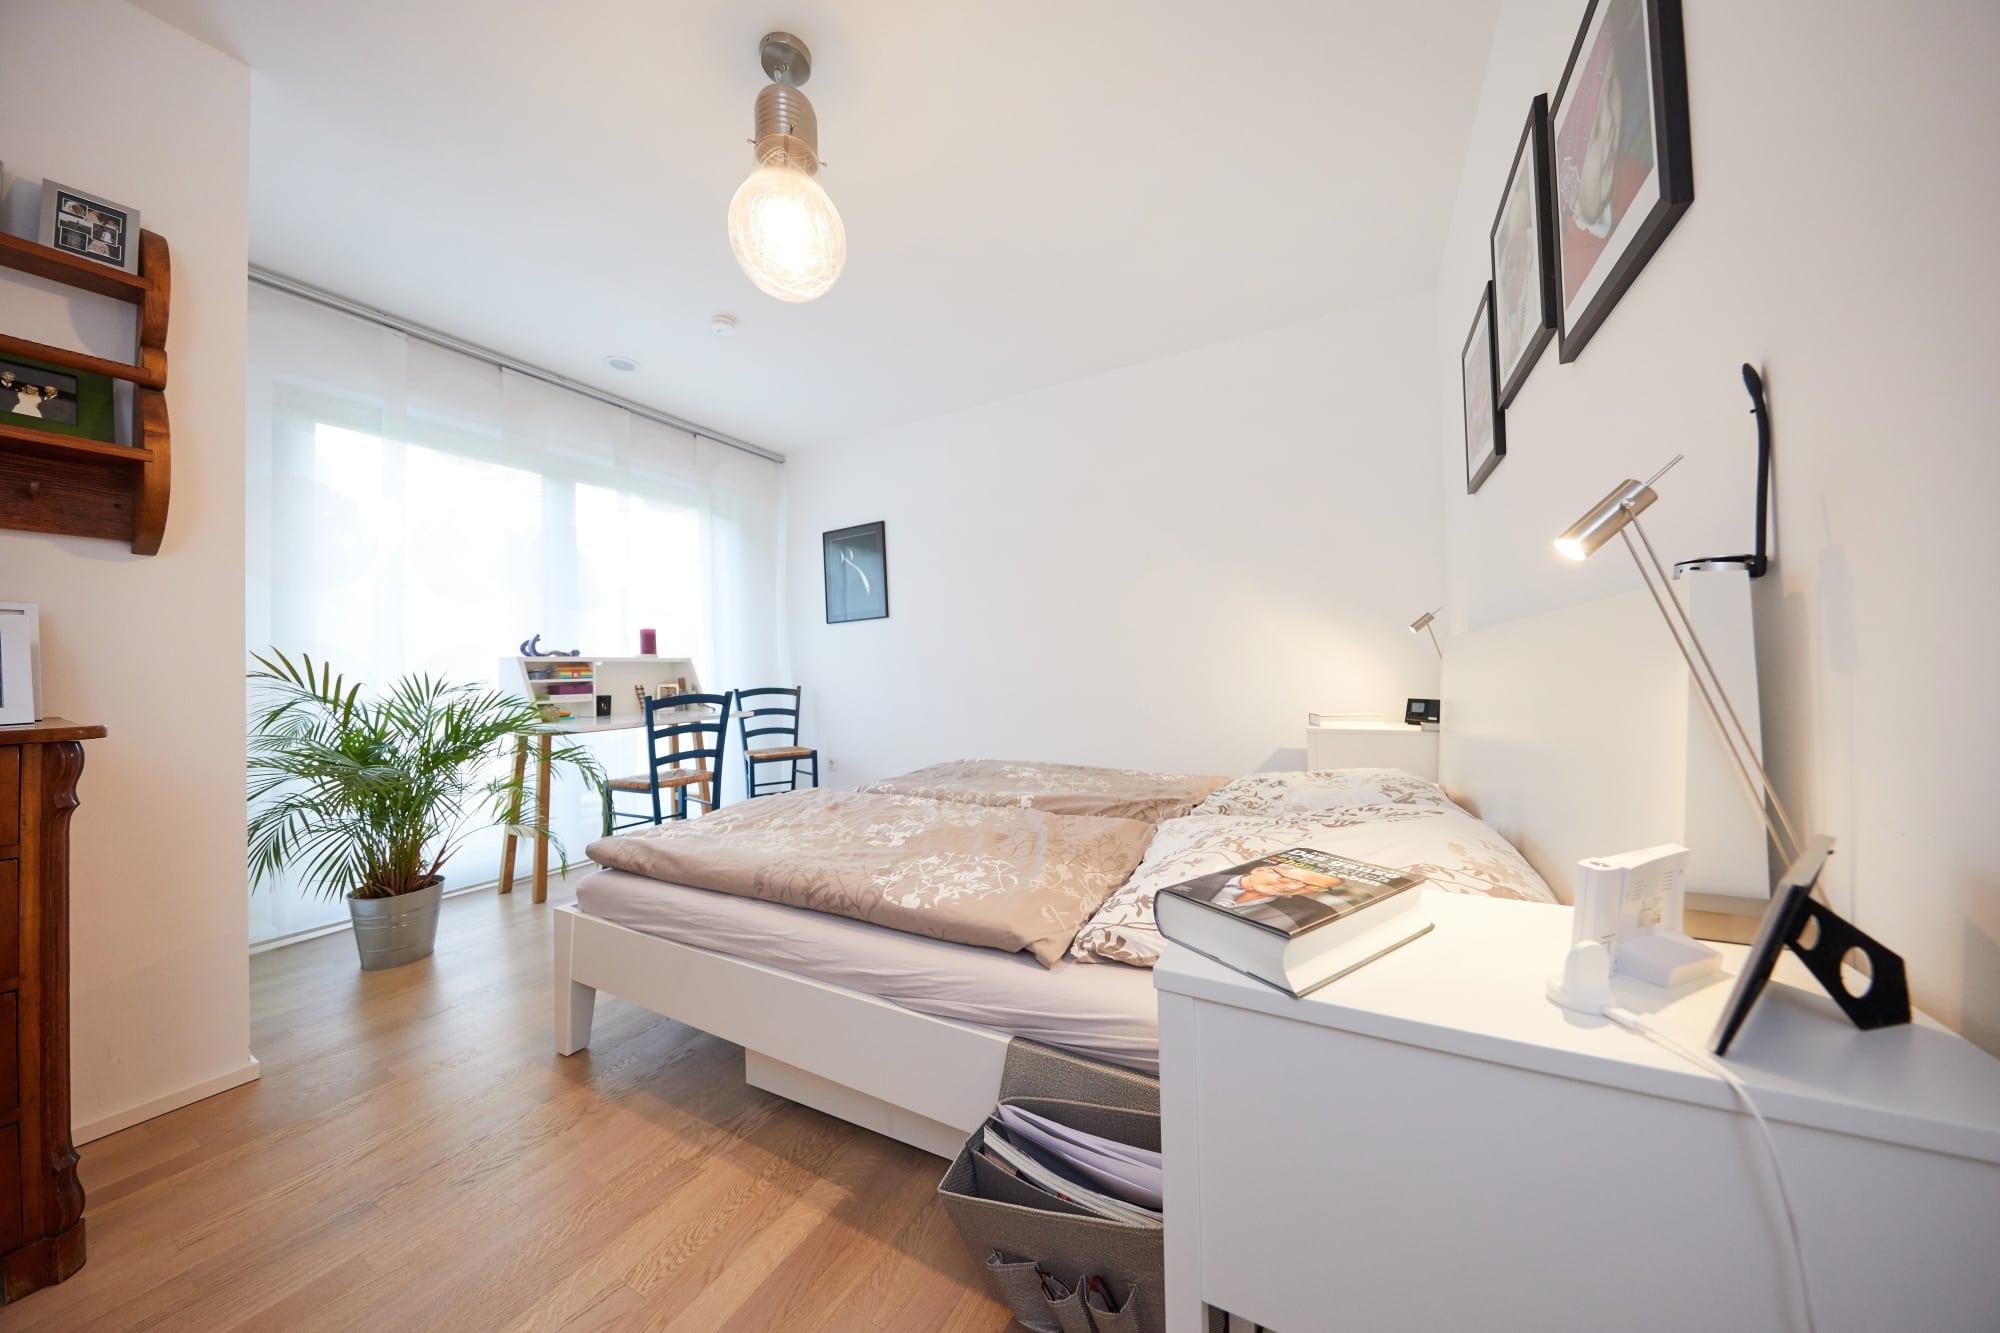 Schlafzimmer weiß - Inneneinrichtung Doppelhaushälfte Fertighaus Marseille von GUSSEK HAUS - HausbauDirekt.de